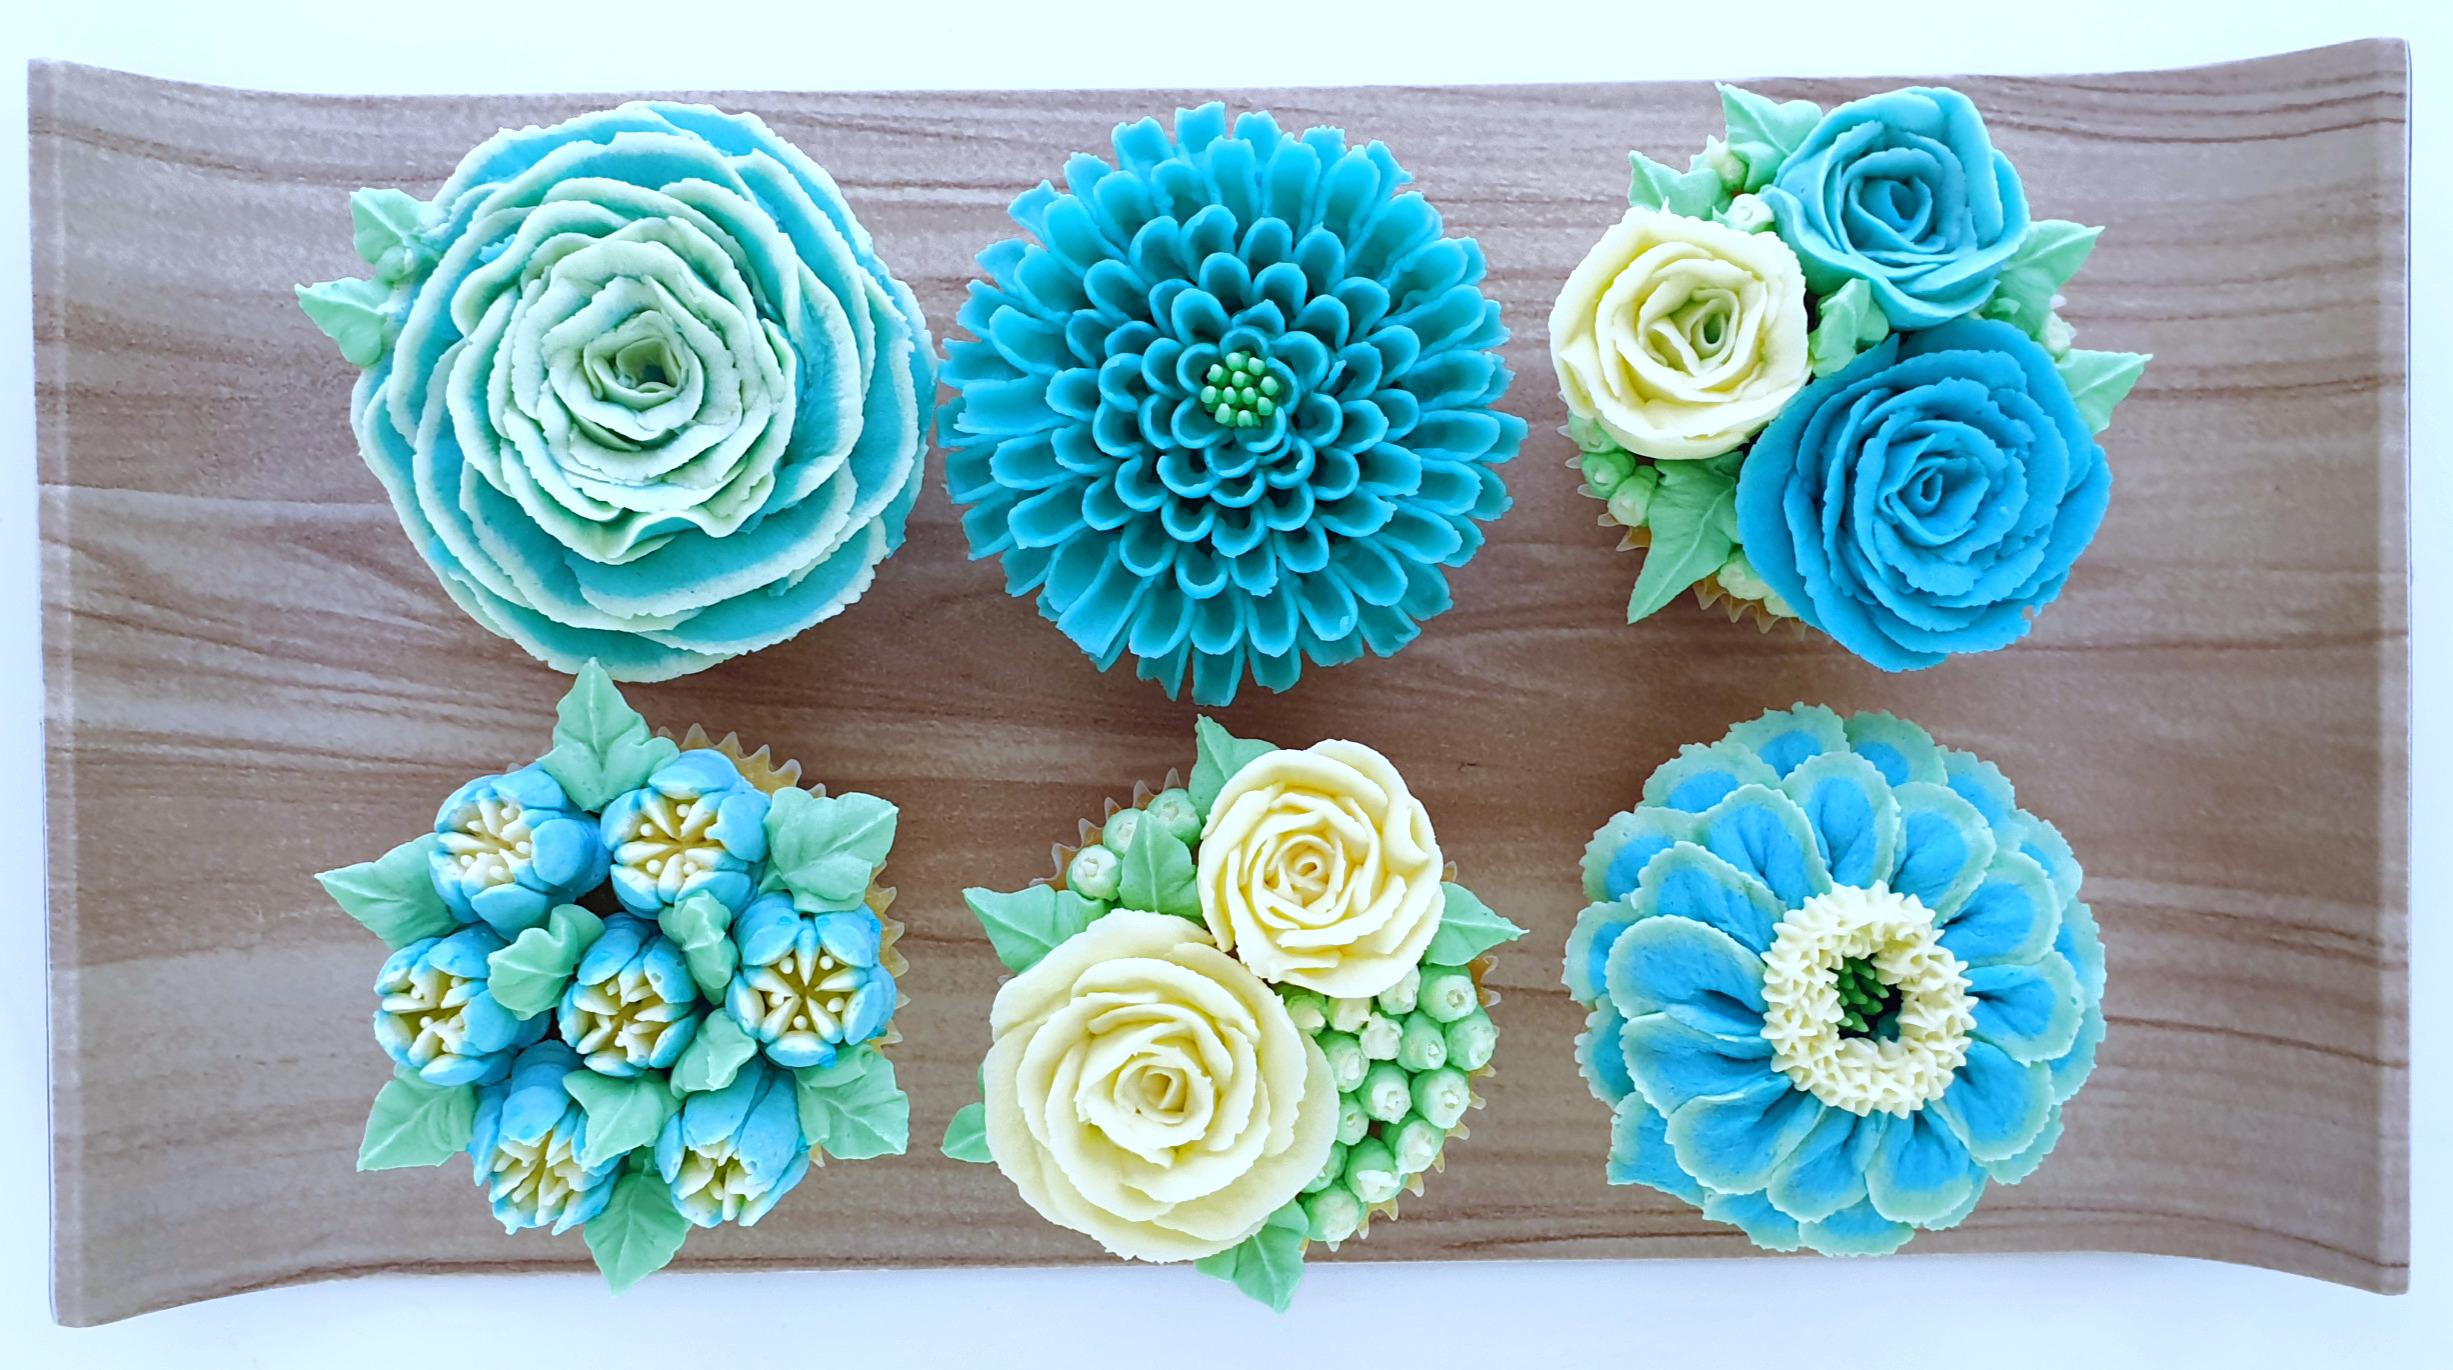 Field of Flowers - Light Blue & Mint